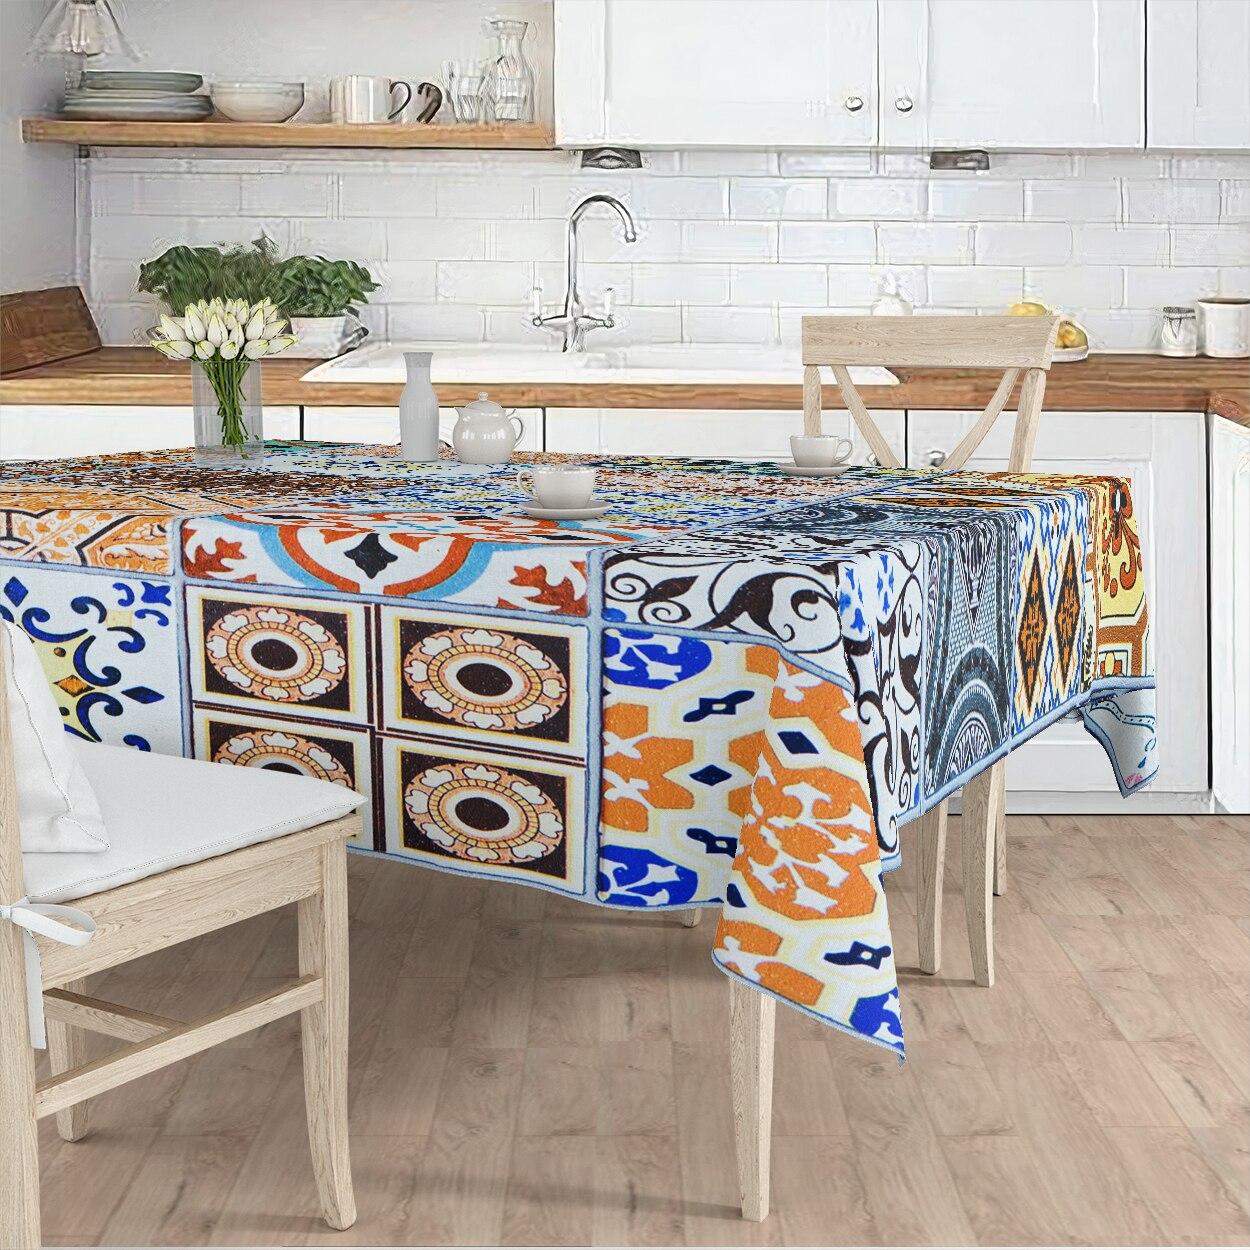 مفرش المائدة غرفة المعيشة المطبخ الملونة العرقية نمط هندسي مايكرو غطاء من القماش عداء نمط شحن مجاني